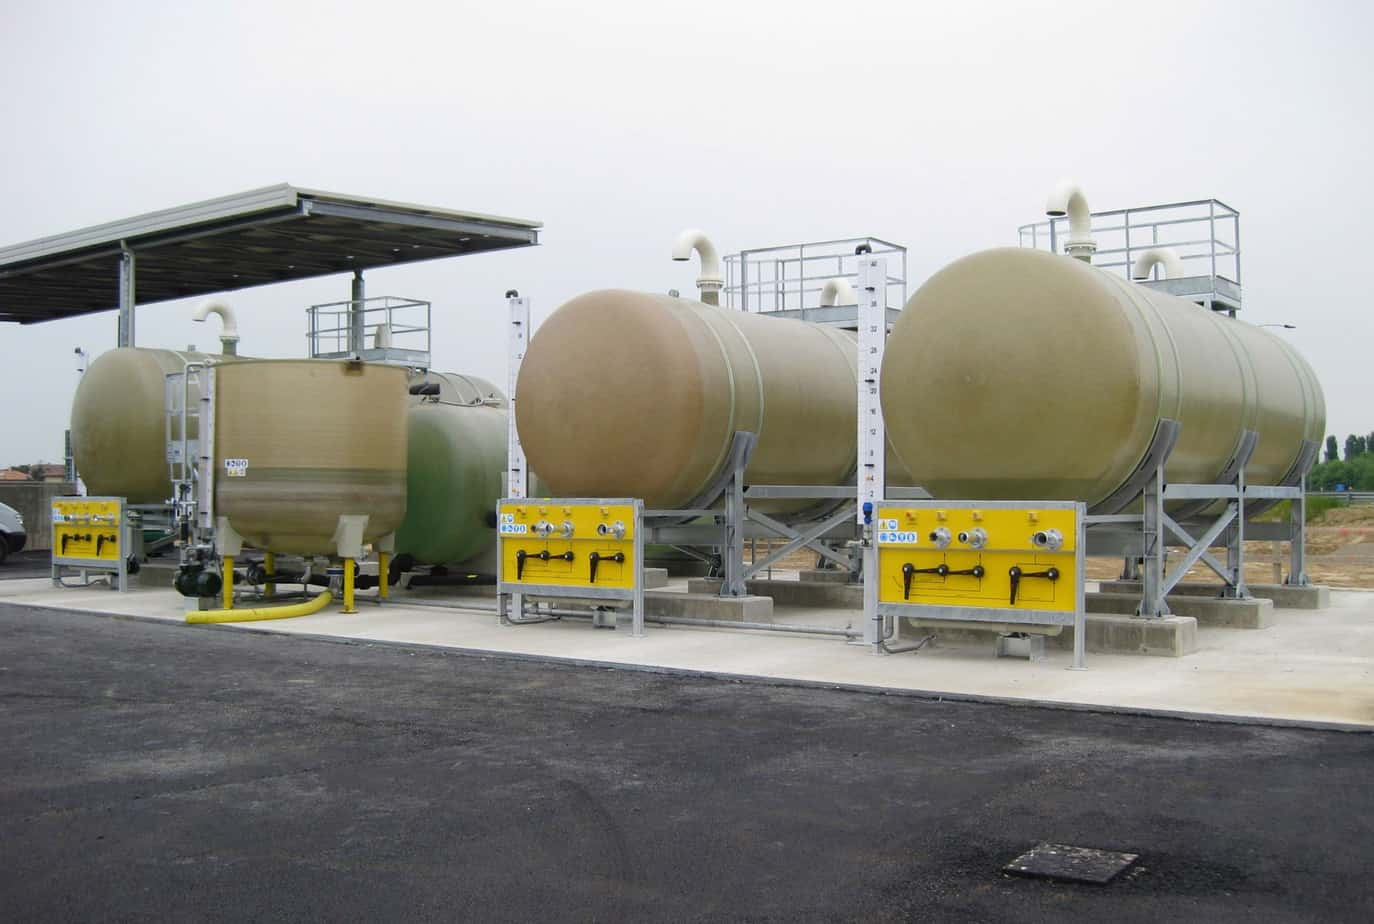 L'impianto di preparazione e di stoccaggio di soluzioni saline presso il Centro di manutenzione di Fara Olivana sulla BreBeMi